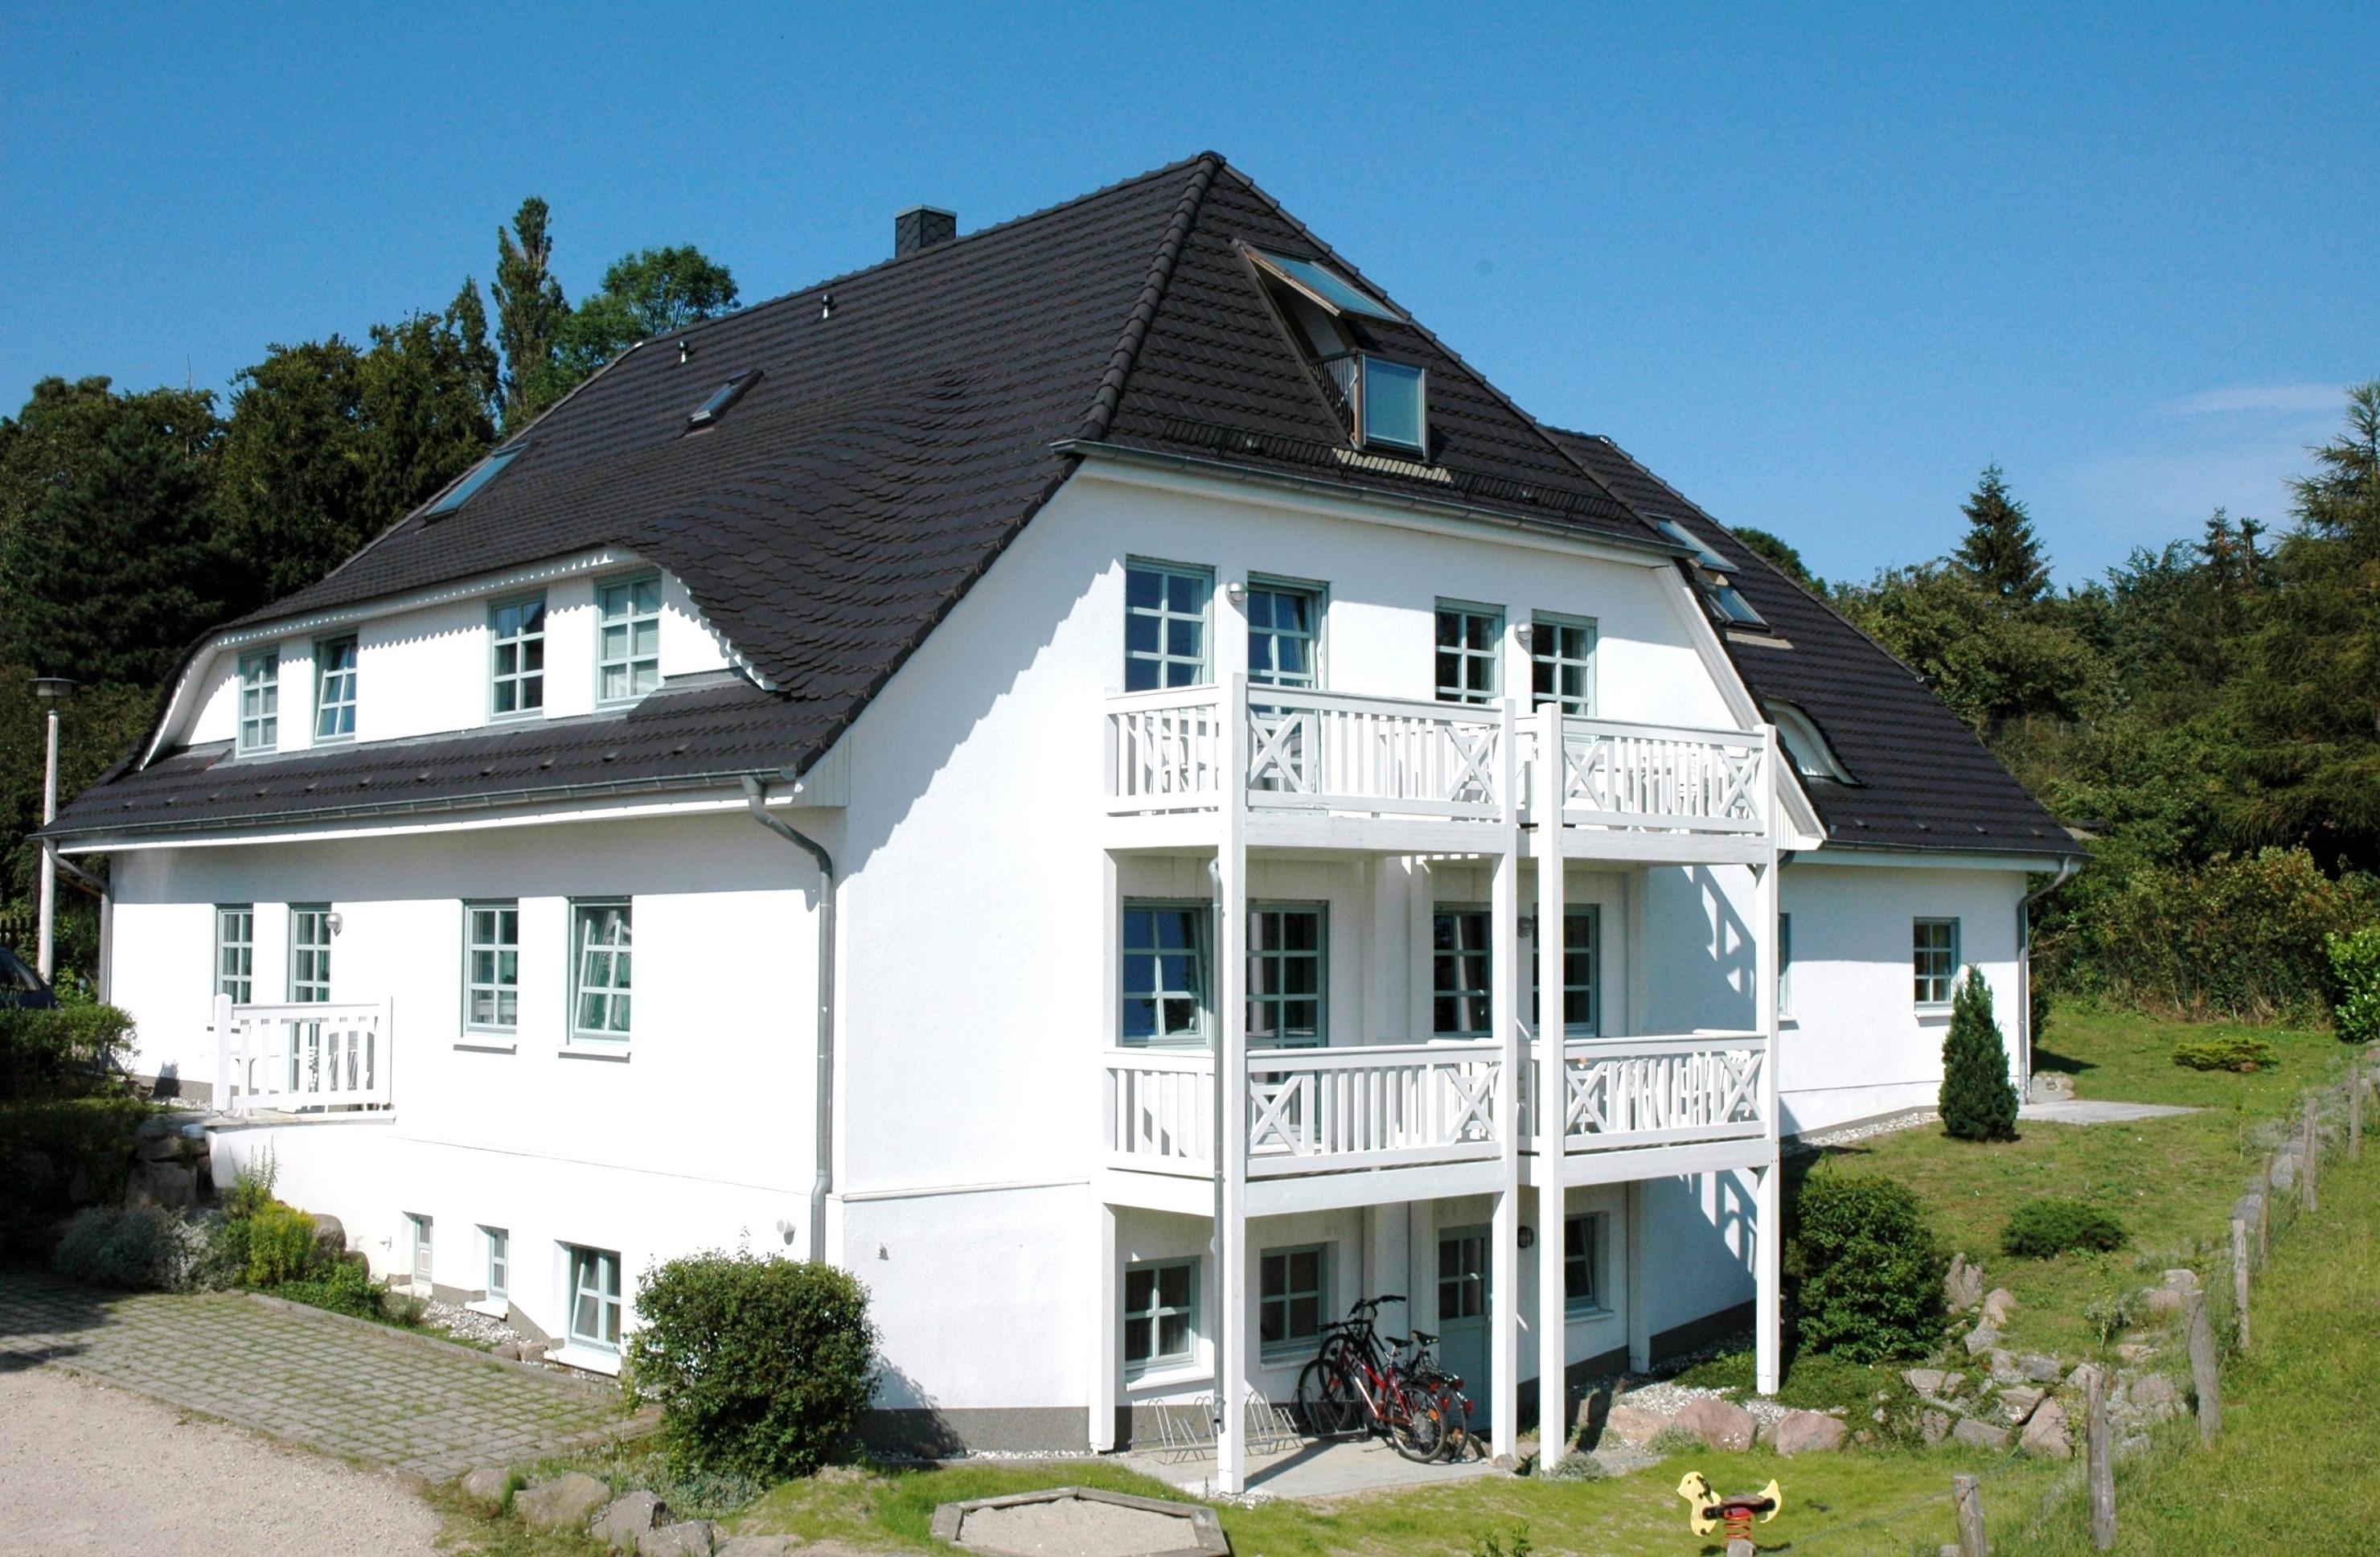 Ferienwohnung Südstrand ,Meerblick Schwimmbadnutzung, 2 Räder inklusive,Sauna (2568190), Göhren, Rügen, Mecklenburg-Vorpommern, Deutschland, Bild 1